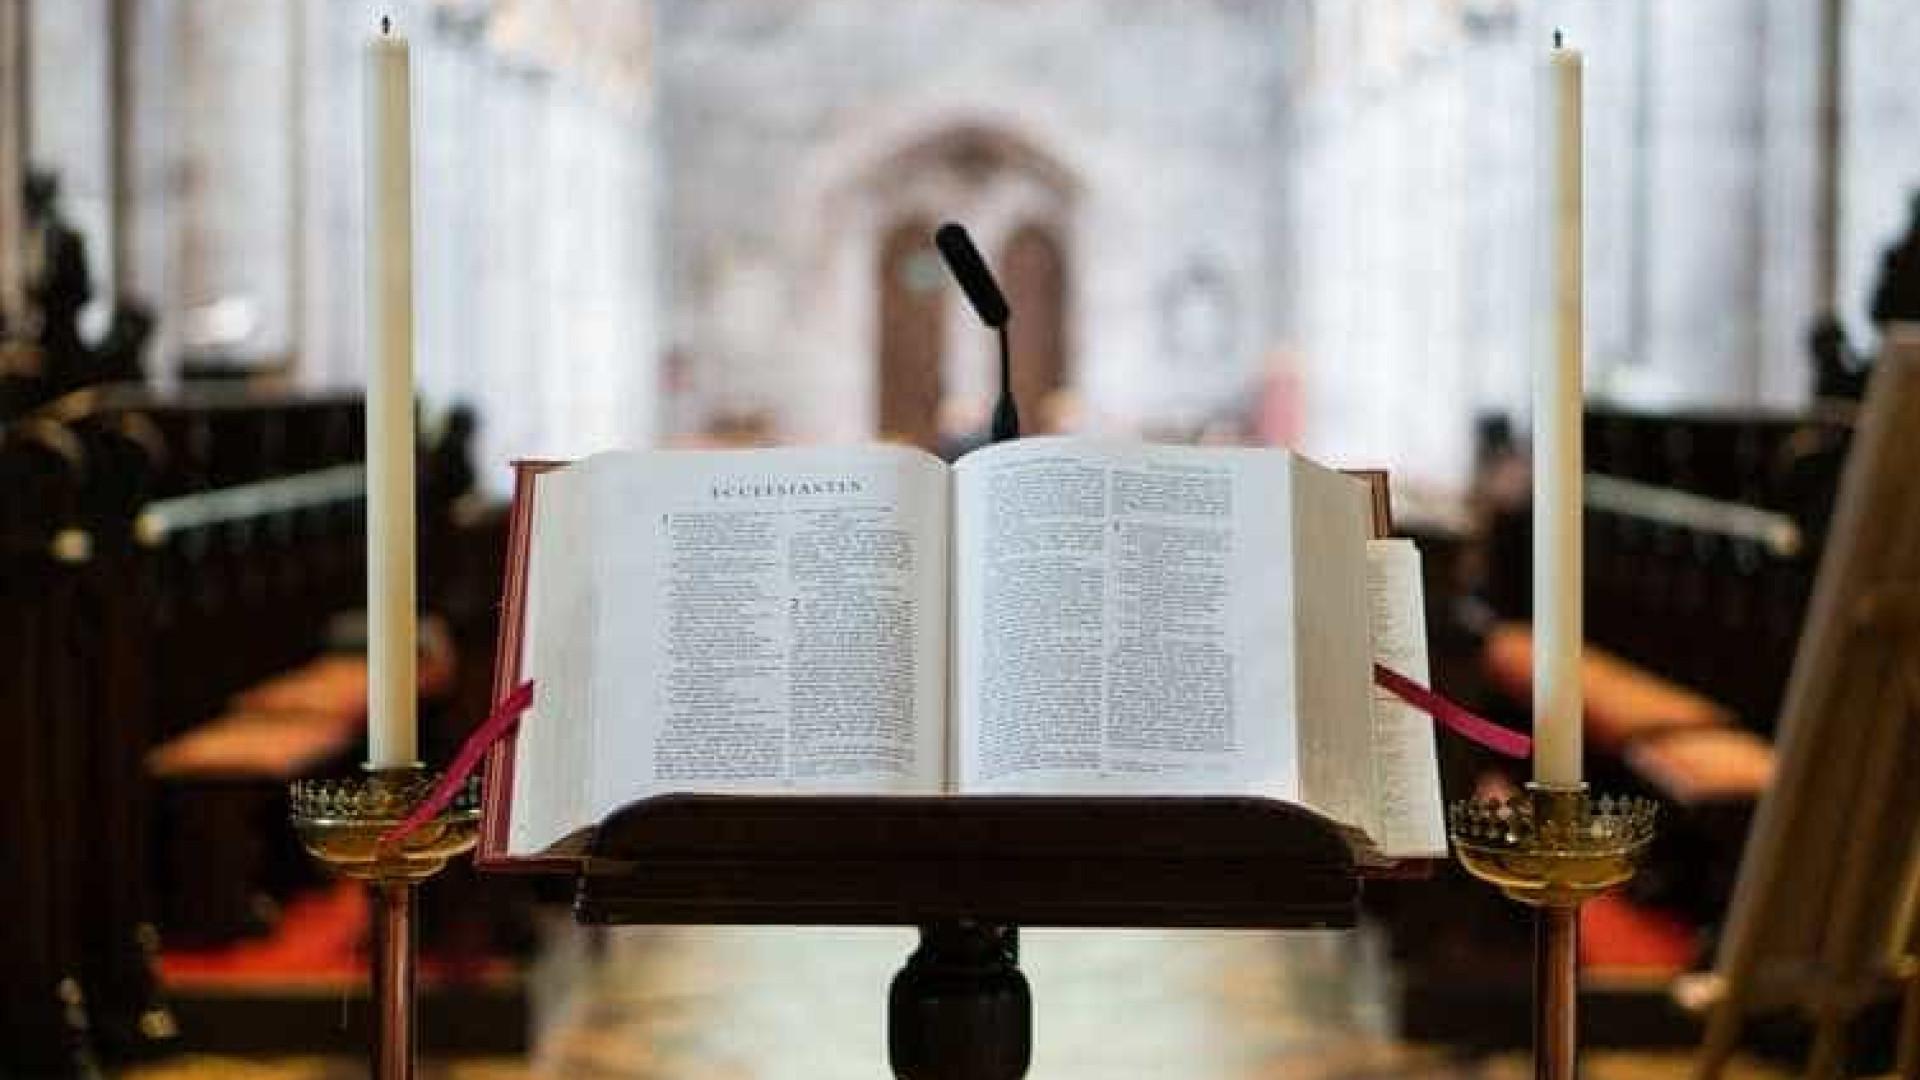 Receita de igrejas quase dobra e vai a R$ 24,2 bilhões